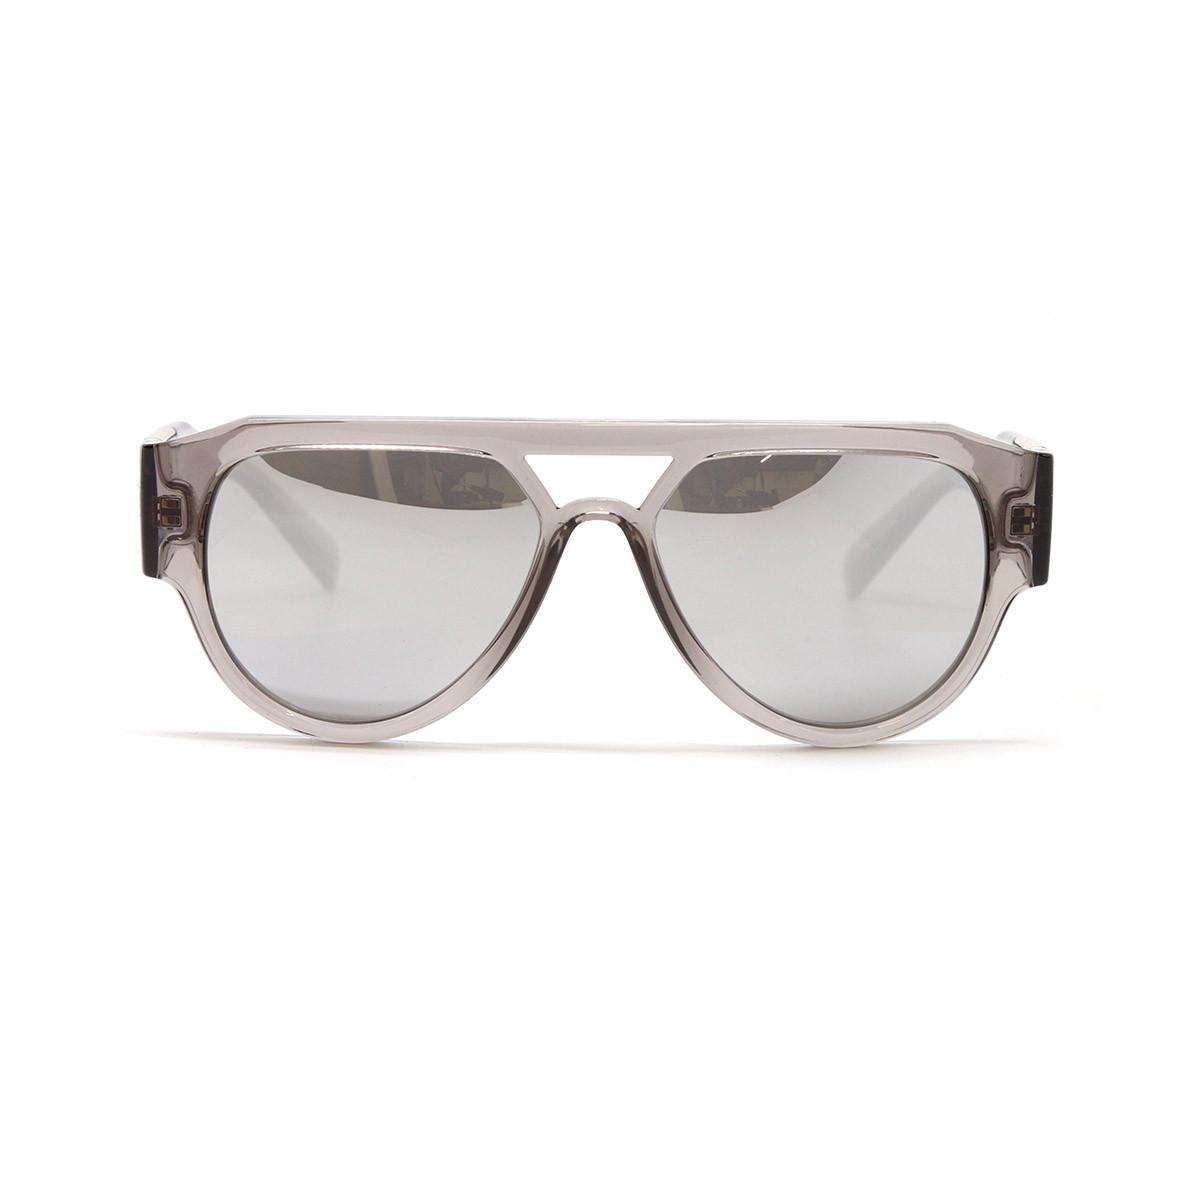 Солнцезащитные очки VE 4401 53416G 57 Фото №2 - linza.com.ua